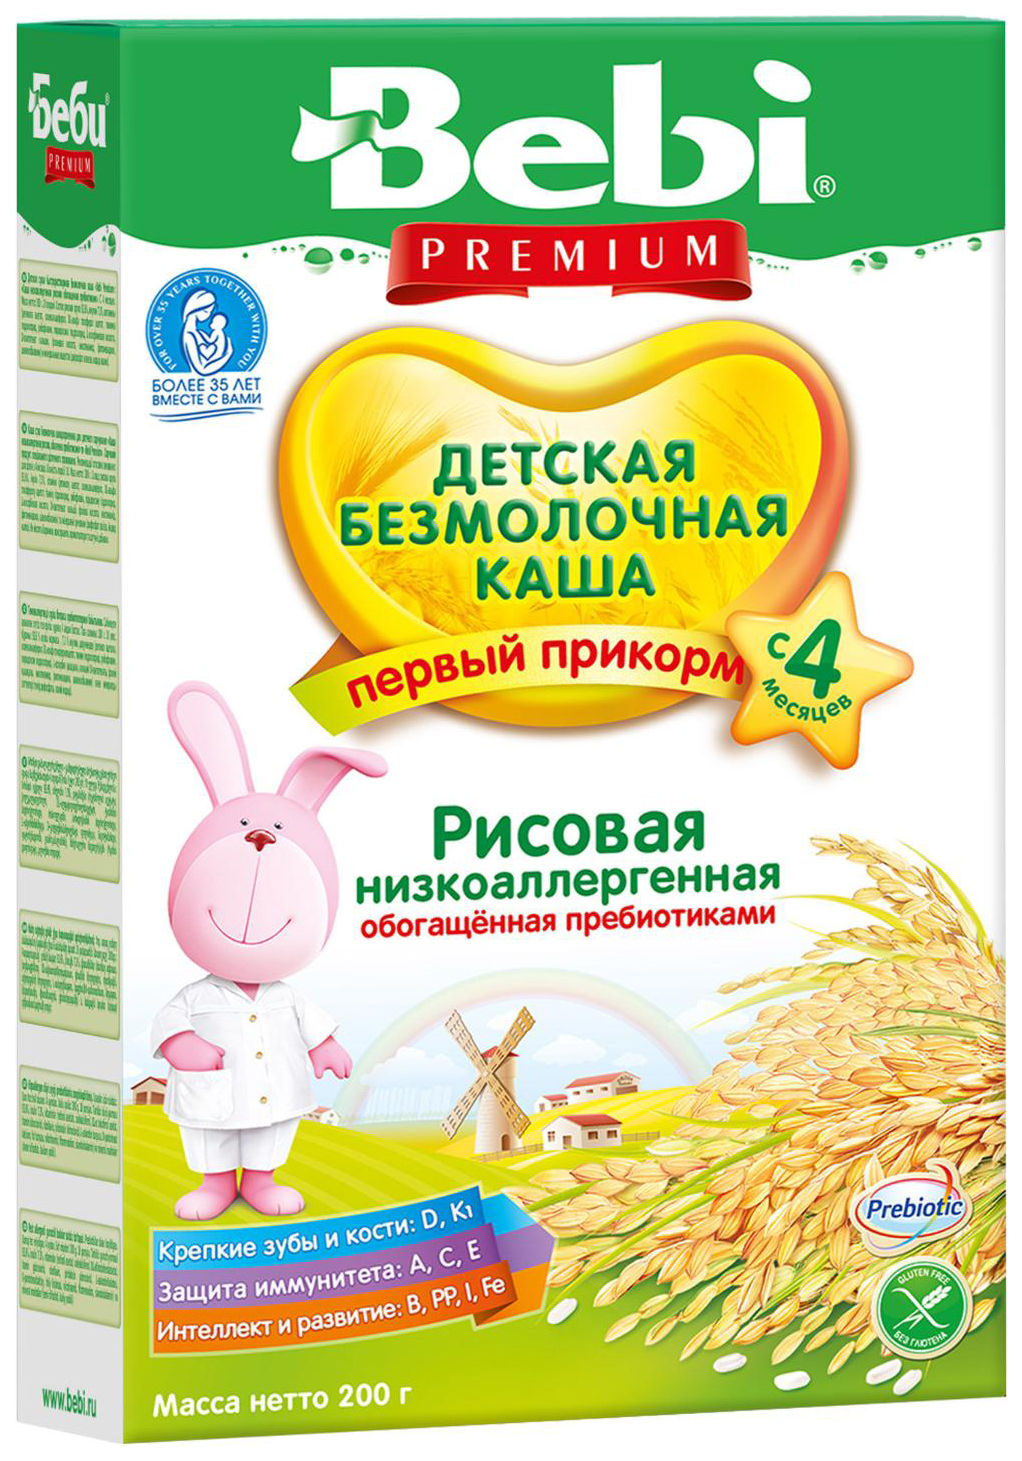 Купить Рисовая низкоаллергенная с пребиотиками 200 г, Безмолочная каша Bebi Рисовая низкоаллергенная с пребиотиками с 4 мес 200 г, Детские каши